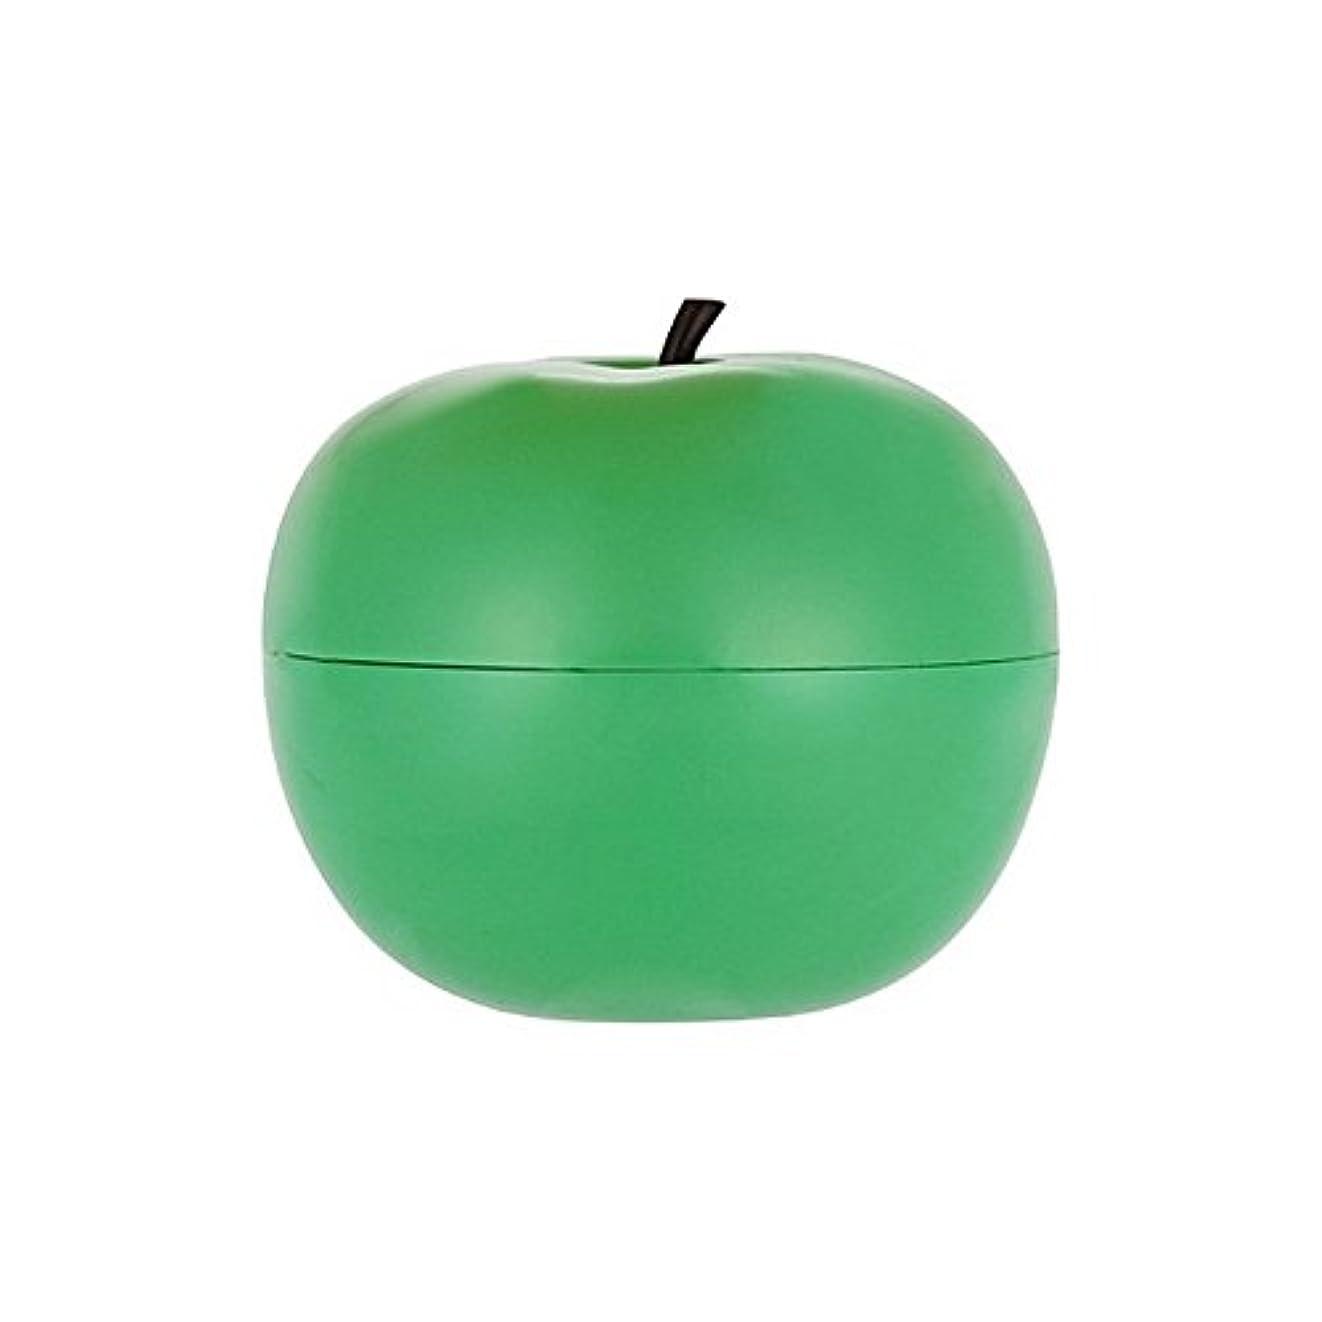 パラメータぶどうラウズトニーモリースムーズマッサージピーリングクリーム80グラム x4 - Tony Moly Appletox Smooth Massage Peeling Cream 80G (Pack of 4) [並行輸入品]